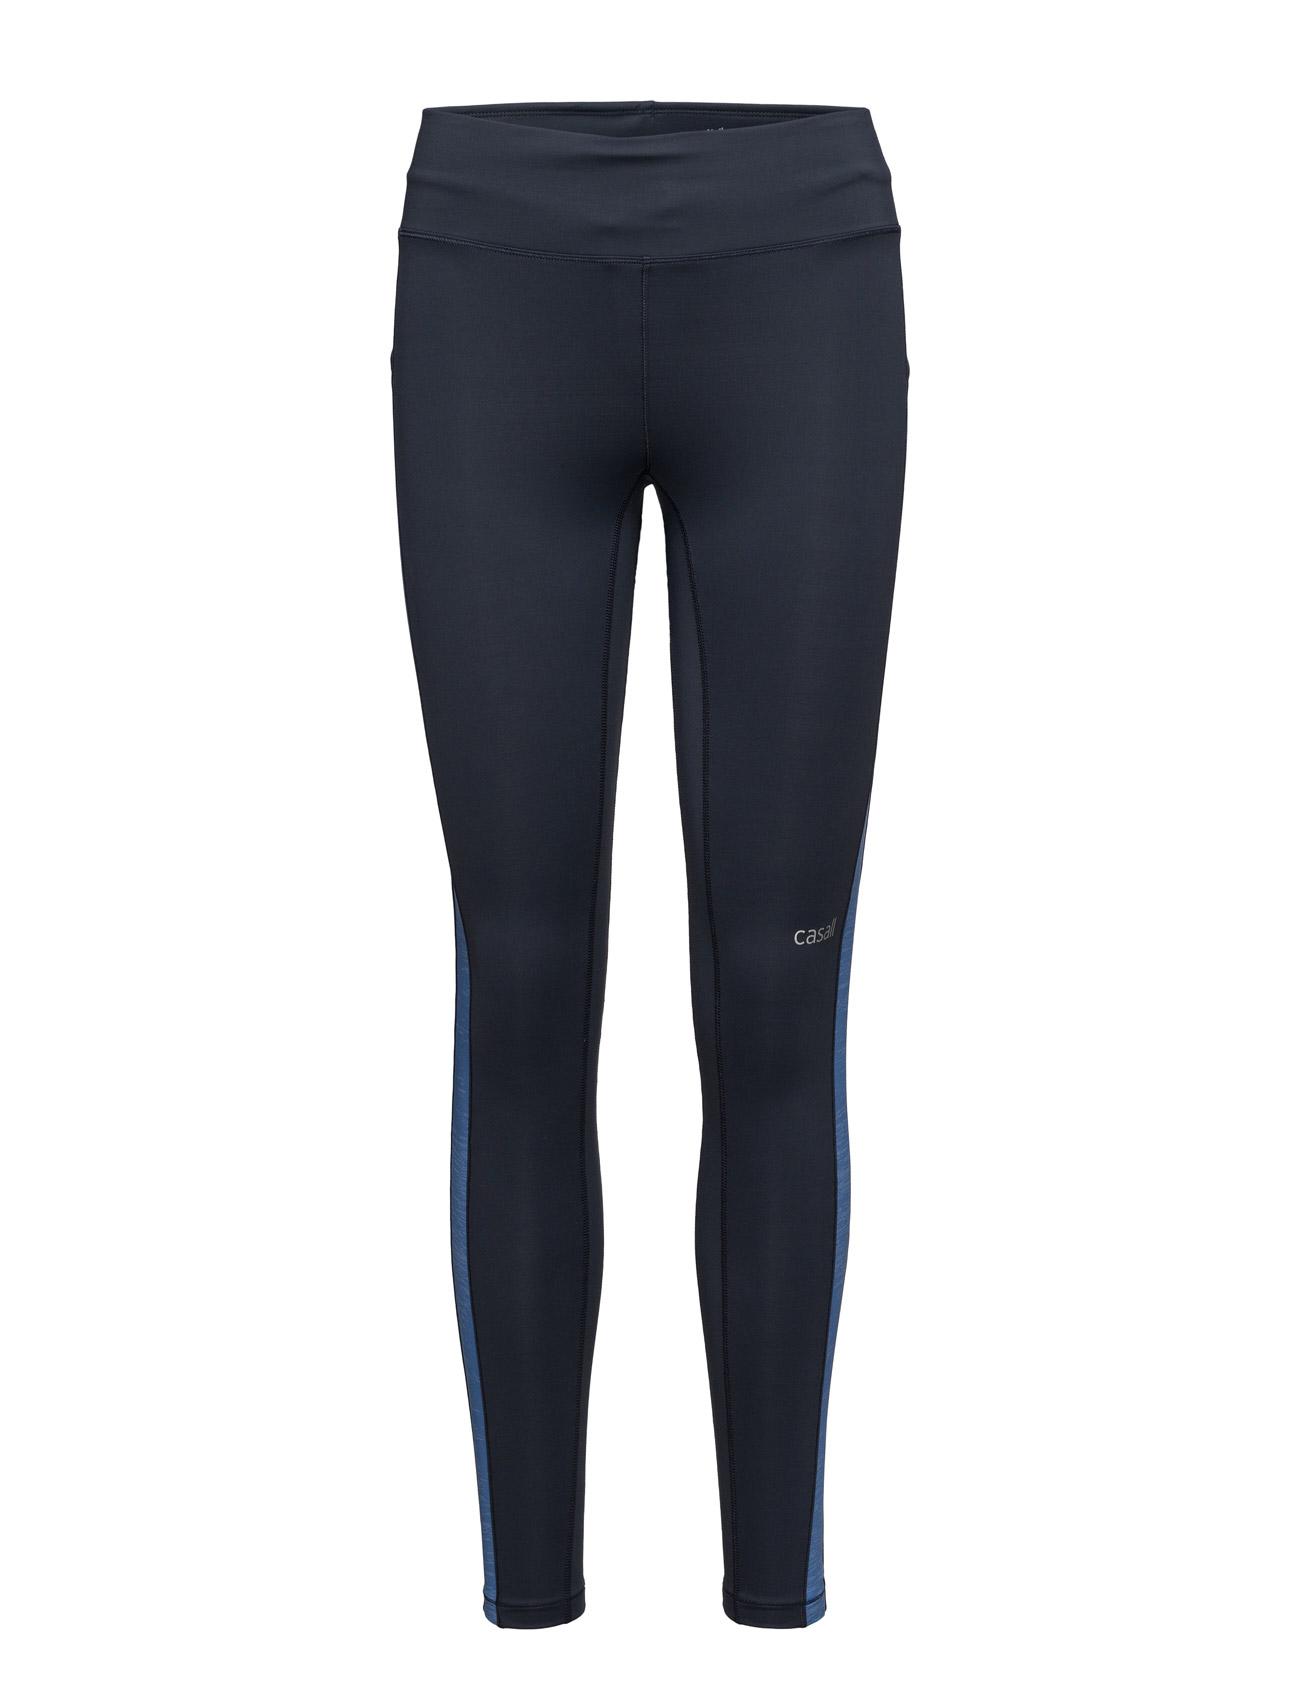 Structured Panel Tights Casall Trænings leggings til Kvinder i